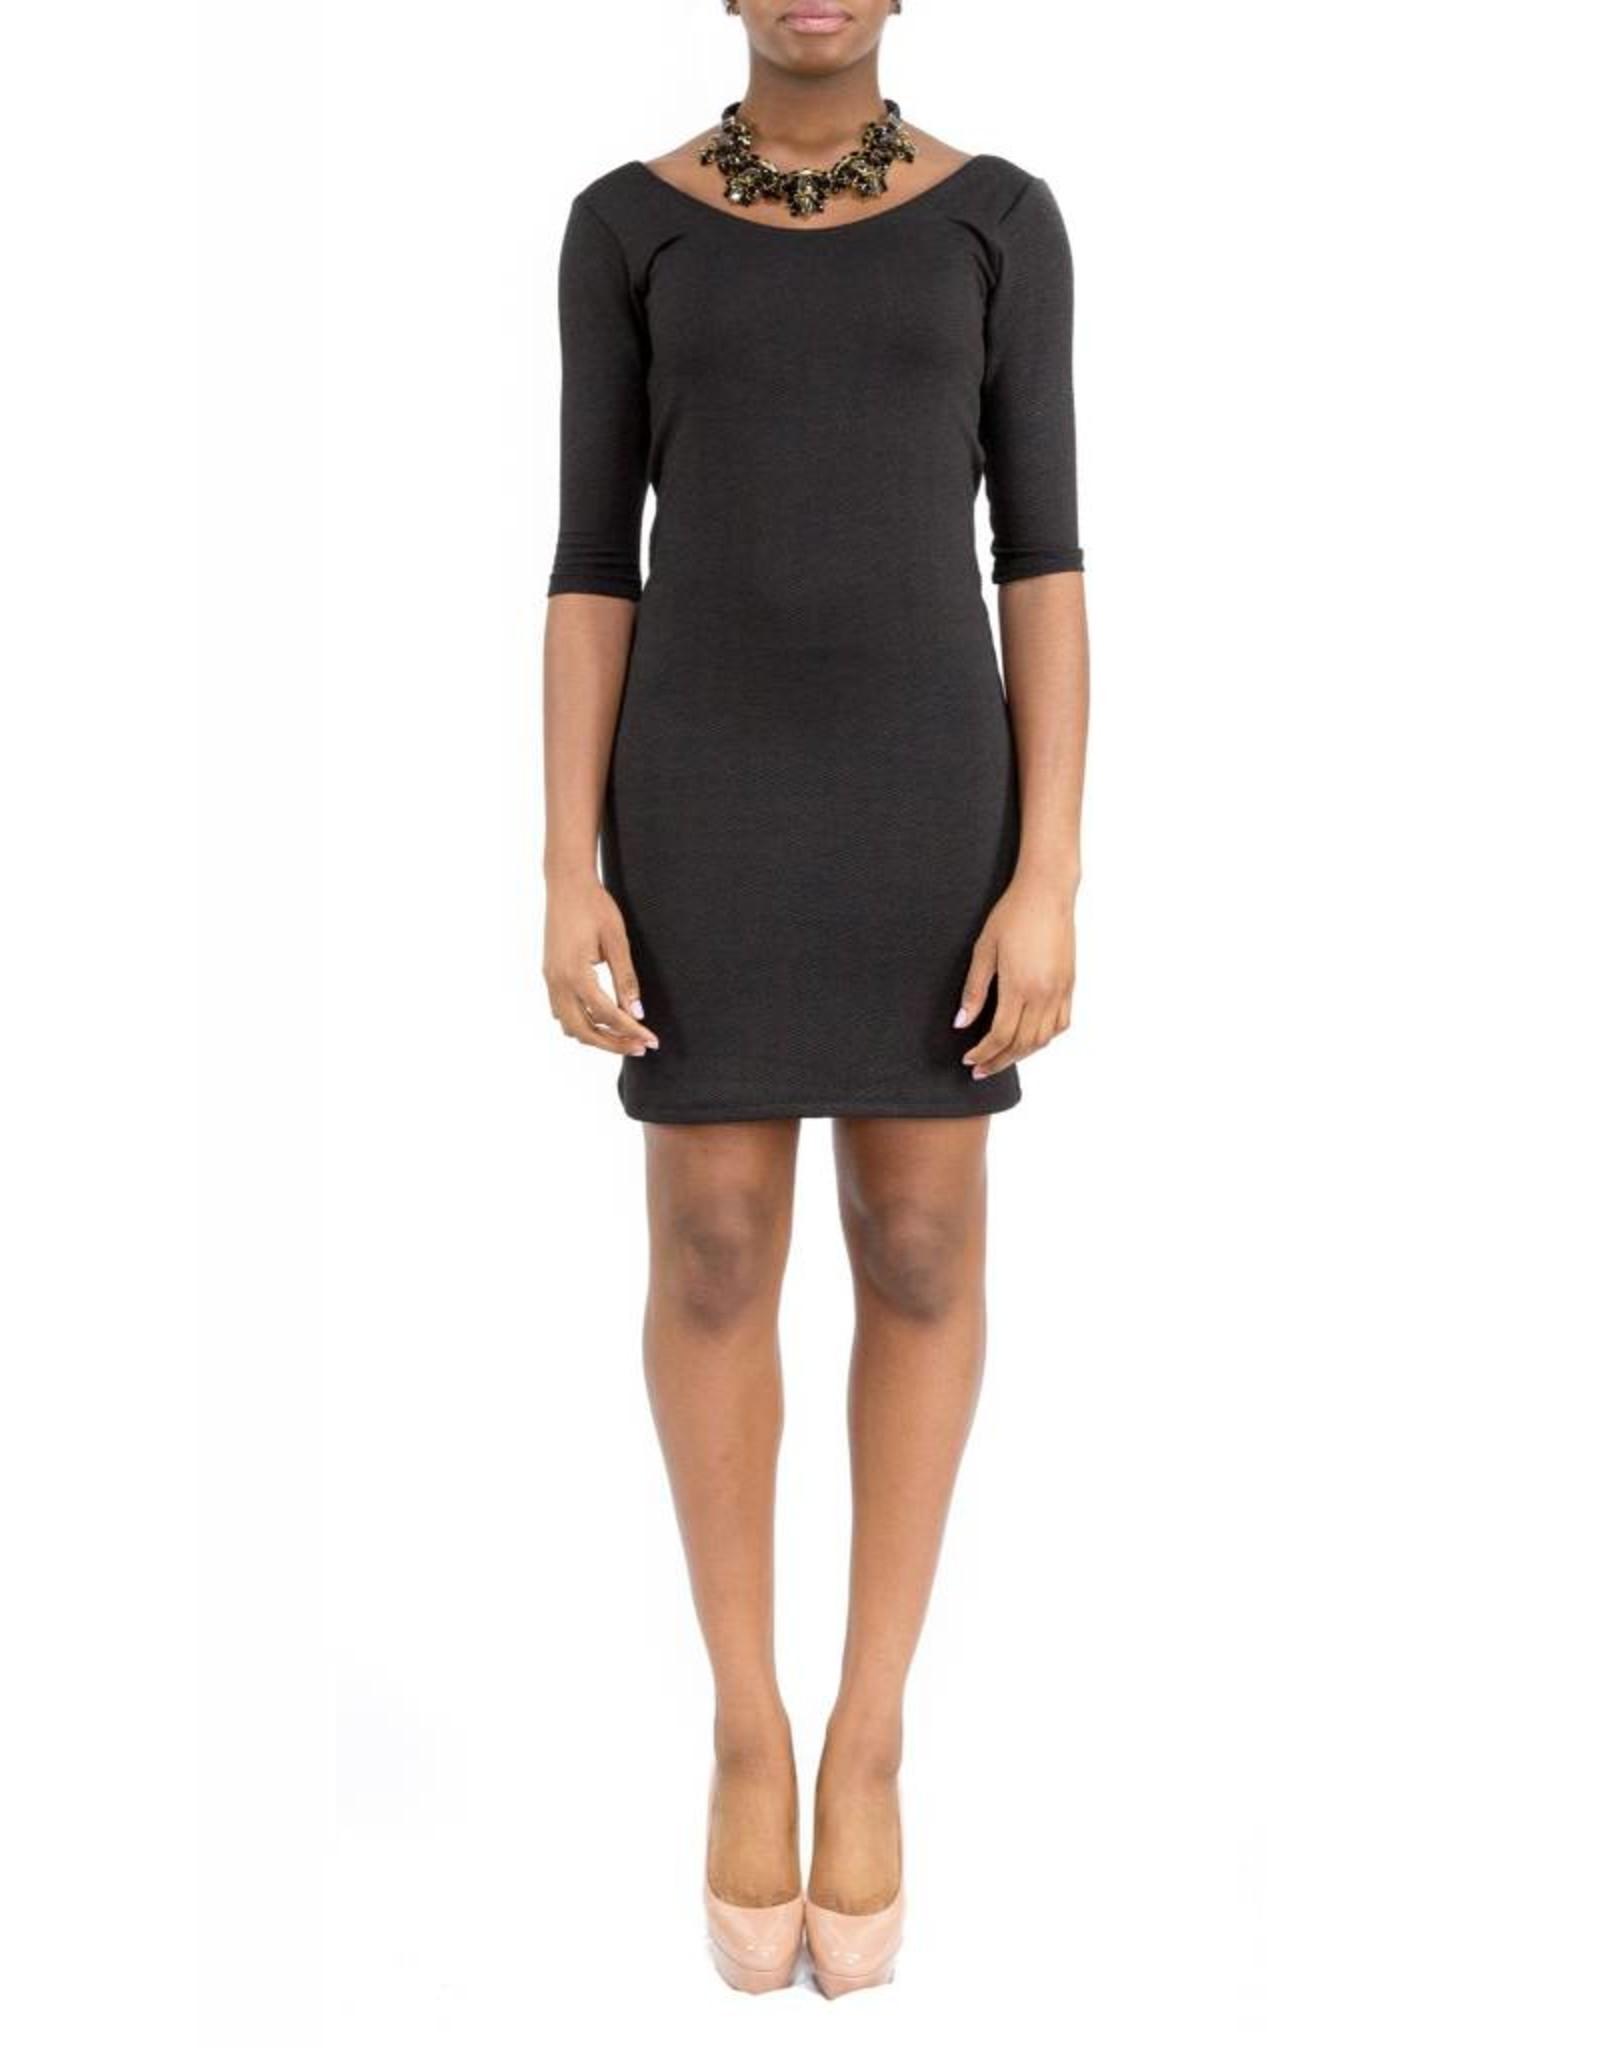 Hailey Dress Black Round-Neck